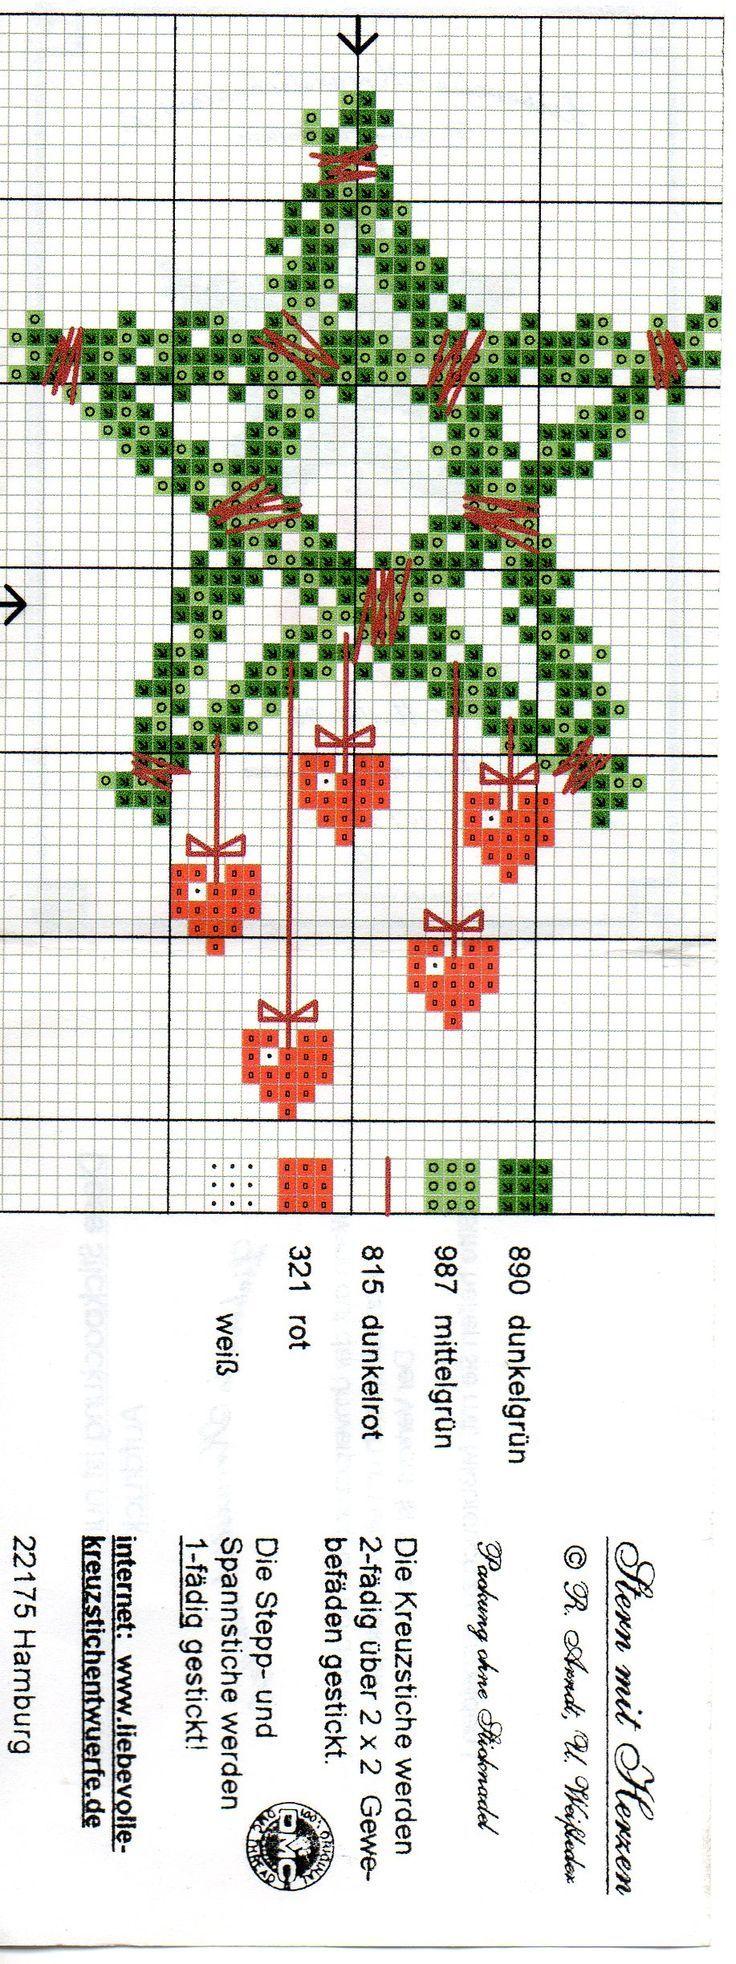 0862ae6e8d9495595acce2f7414b41ce.jpg (736×1964)